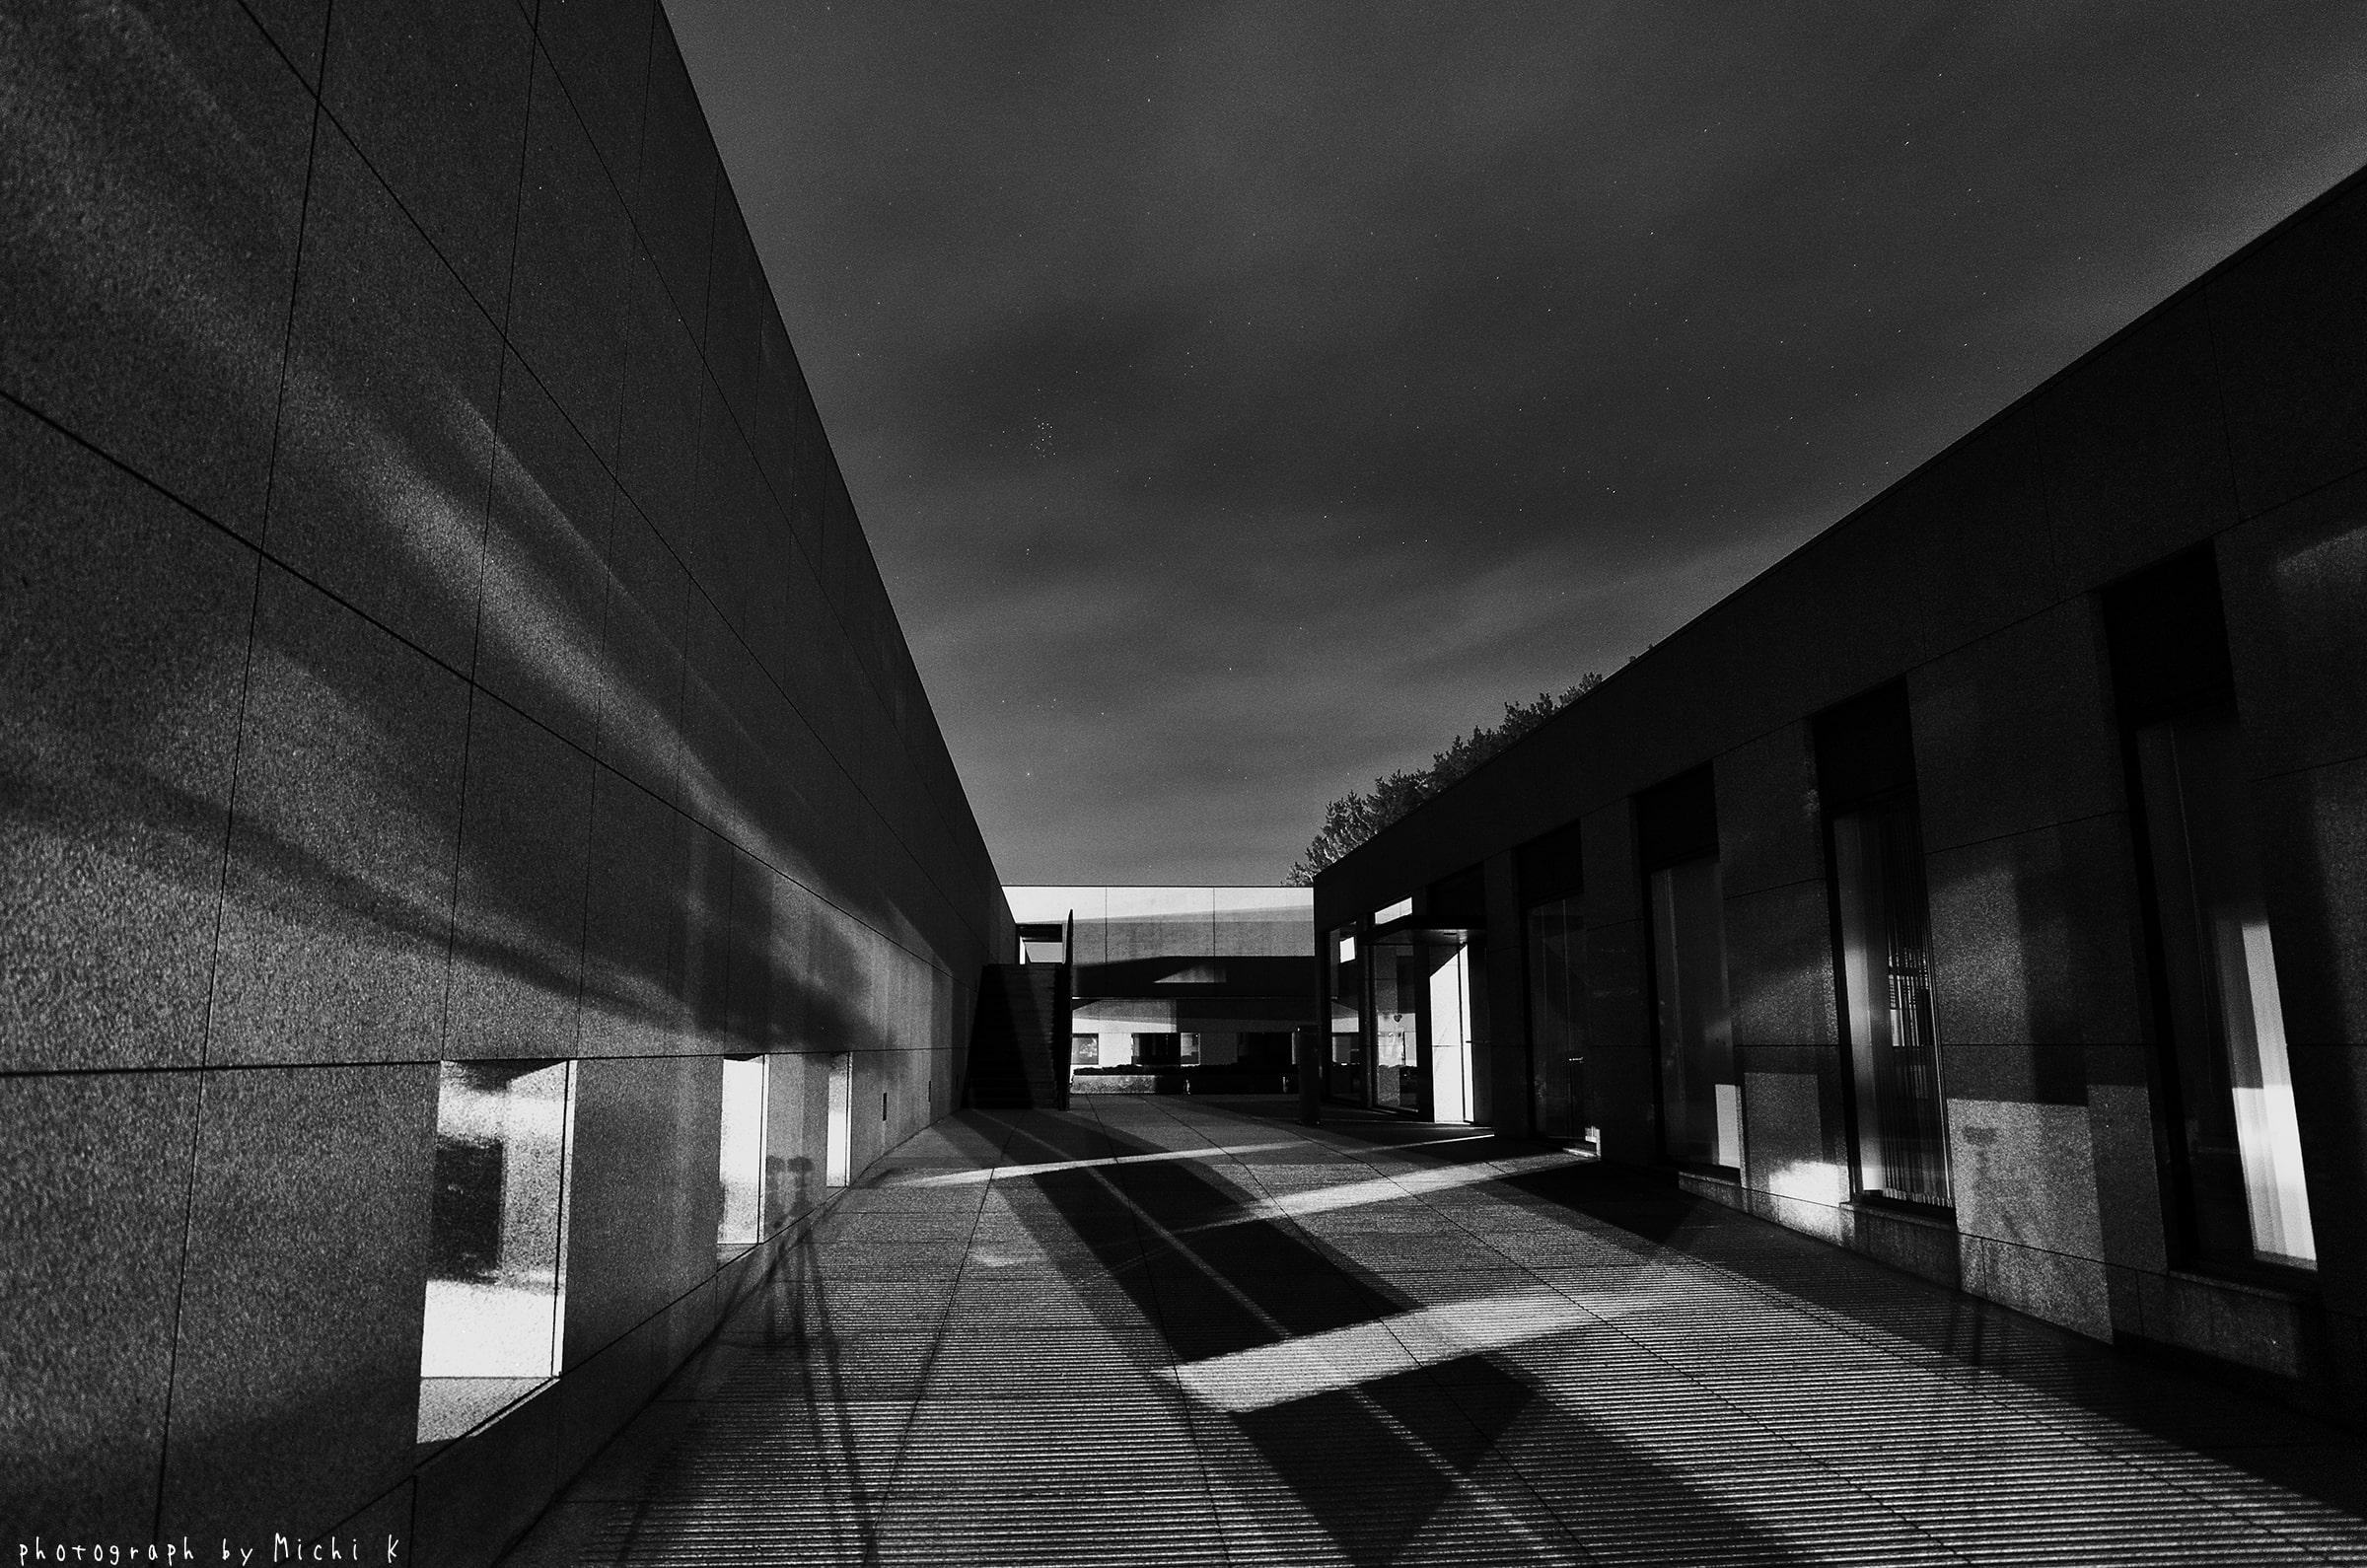 土門拳記念館にて2018-11-18夜(写真その3)